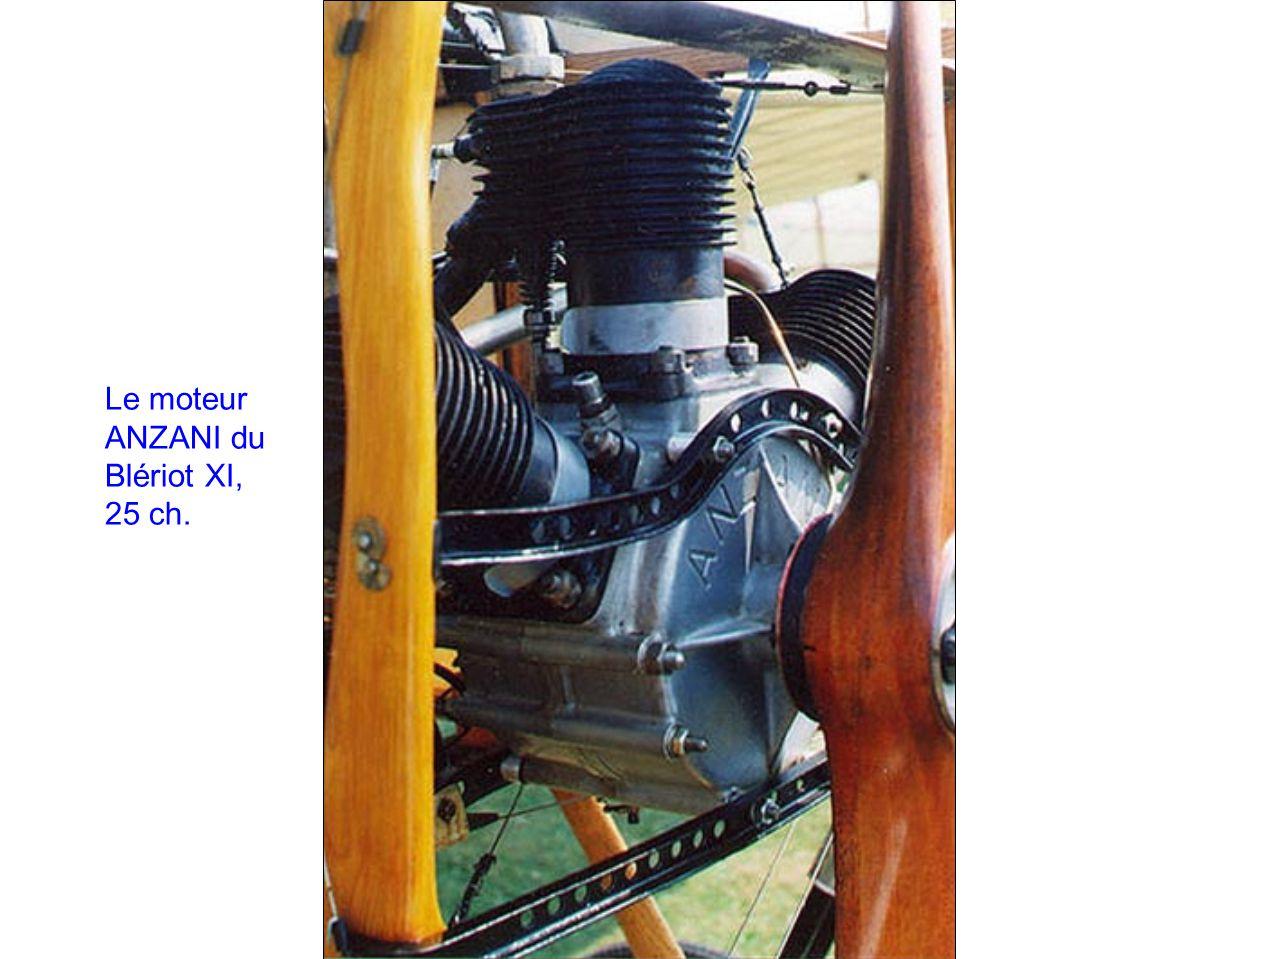 Le moteur ANZANI du Blériot XI, 25 ch.